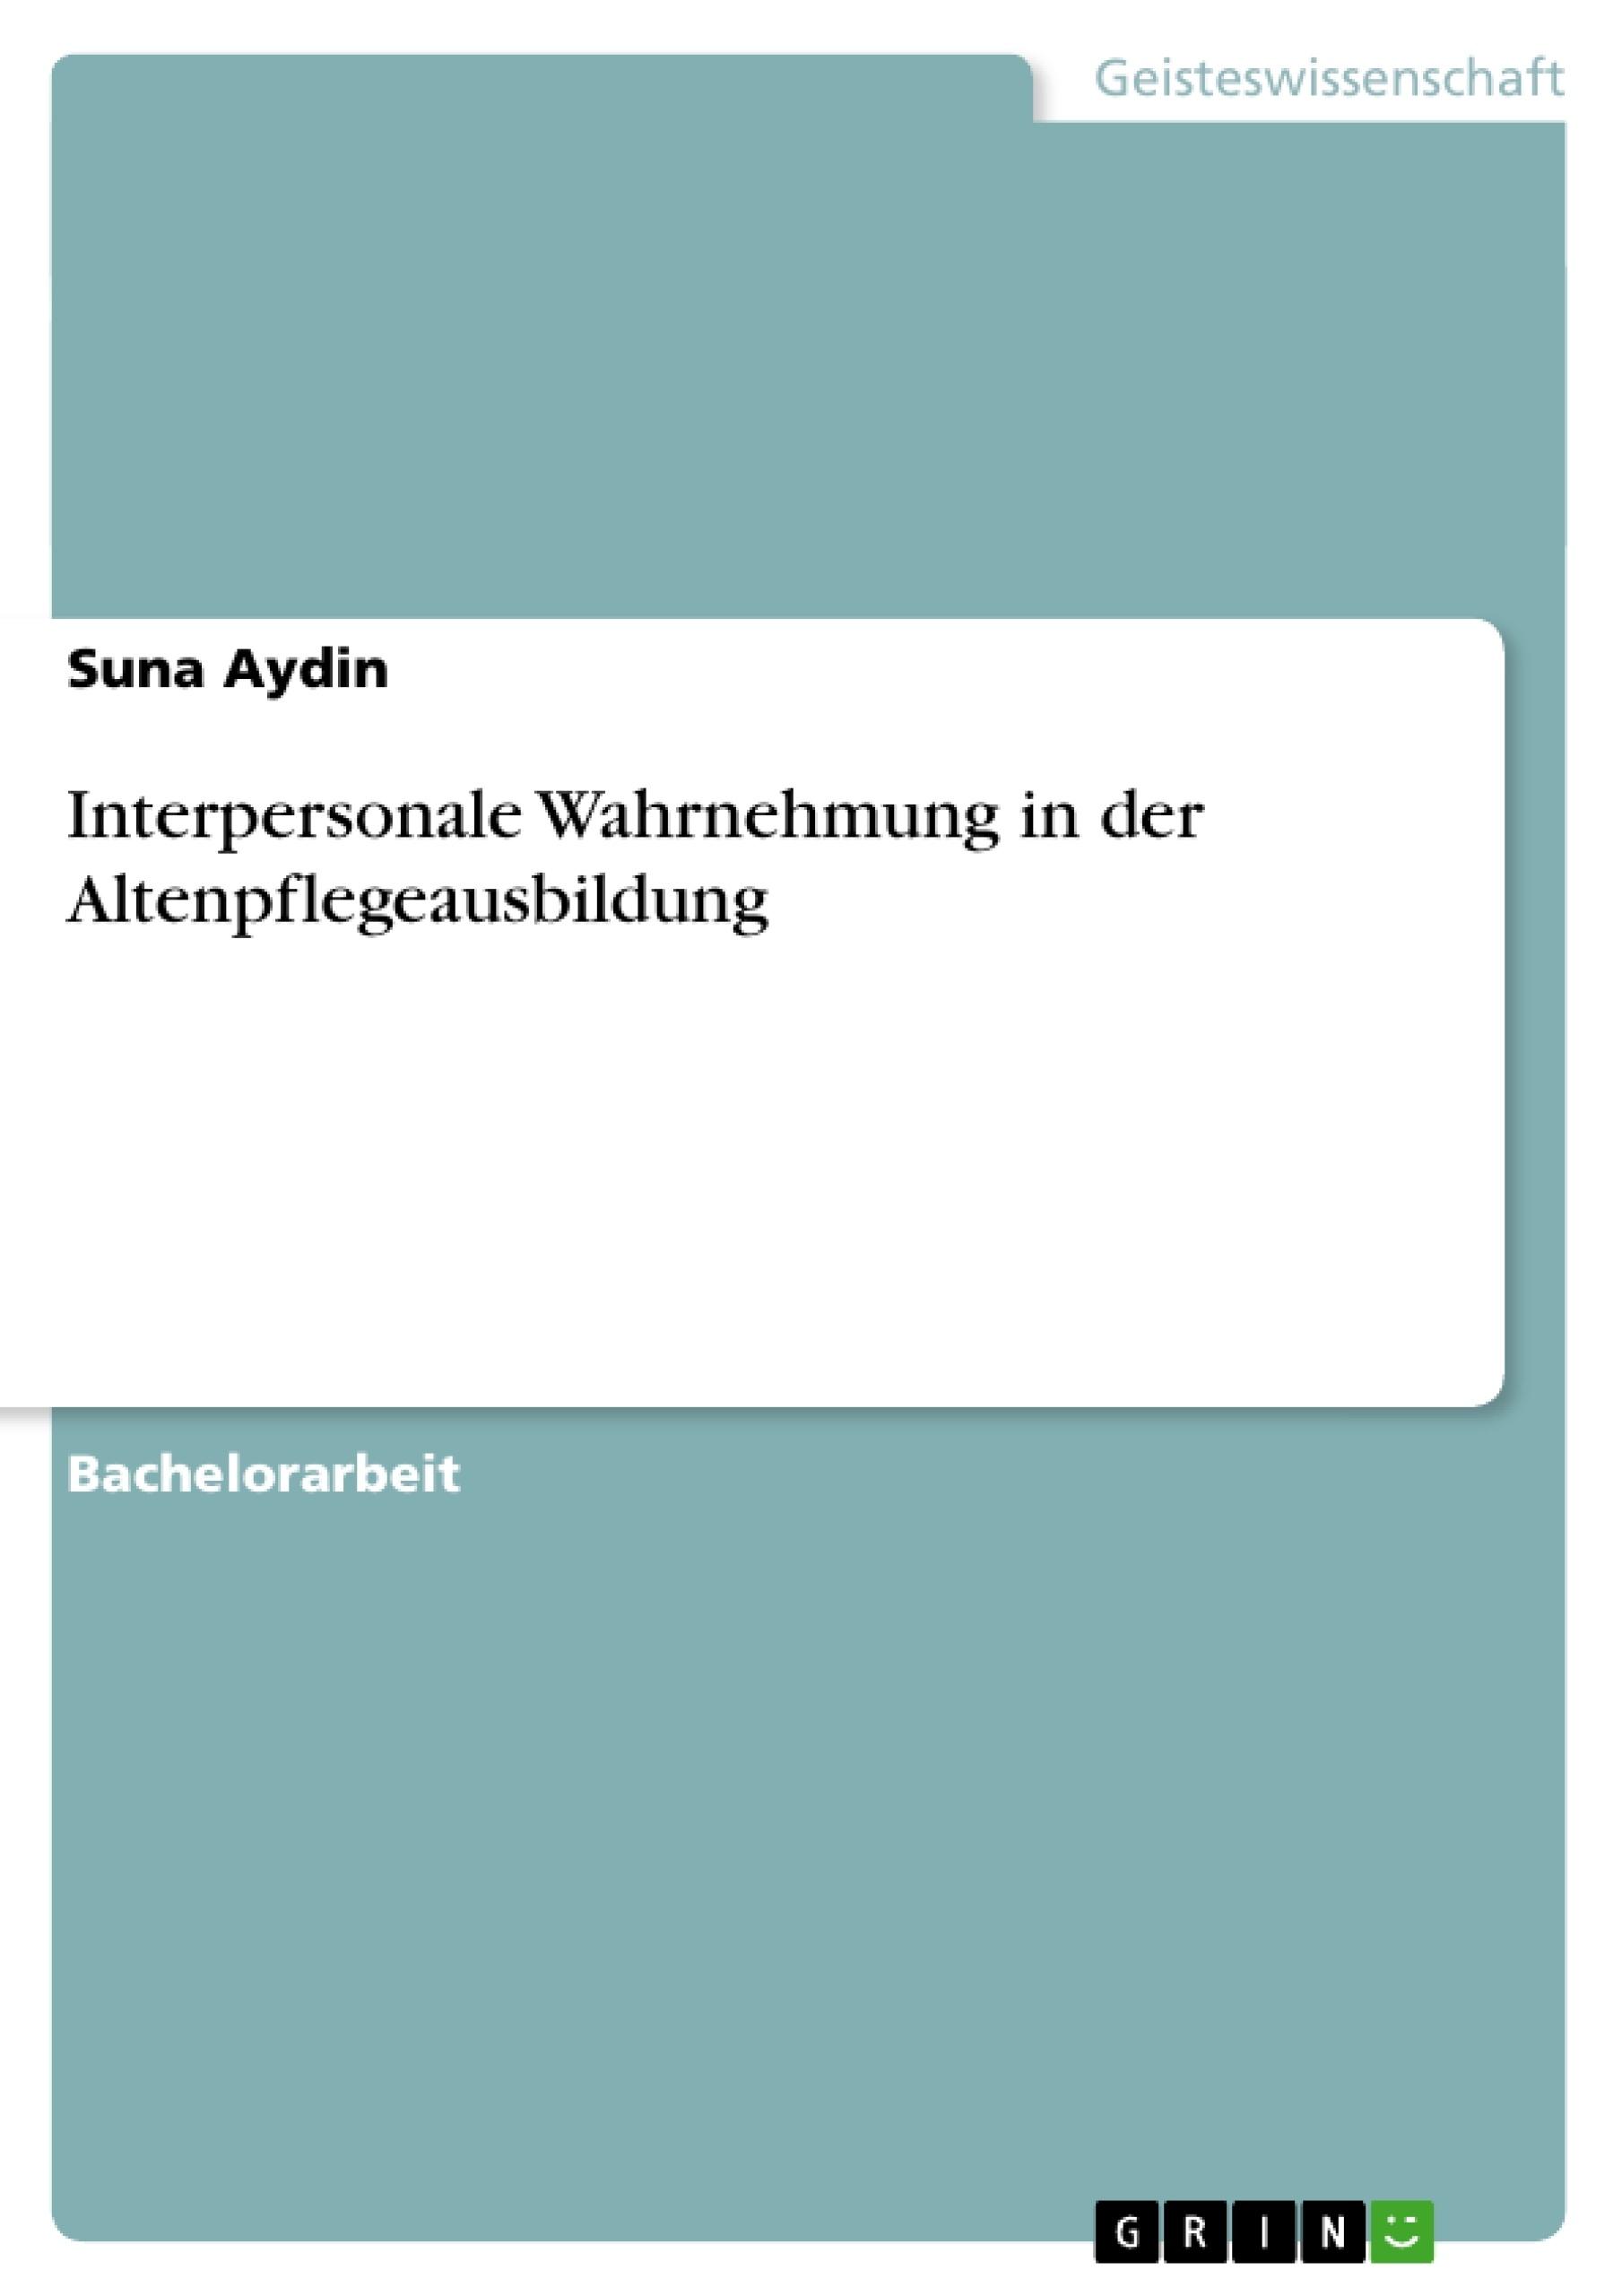 Titel: Interpersonale Wahrnehmung in der Altenpflegeausbildung